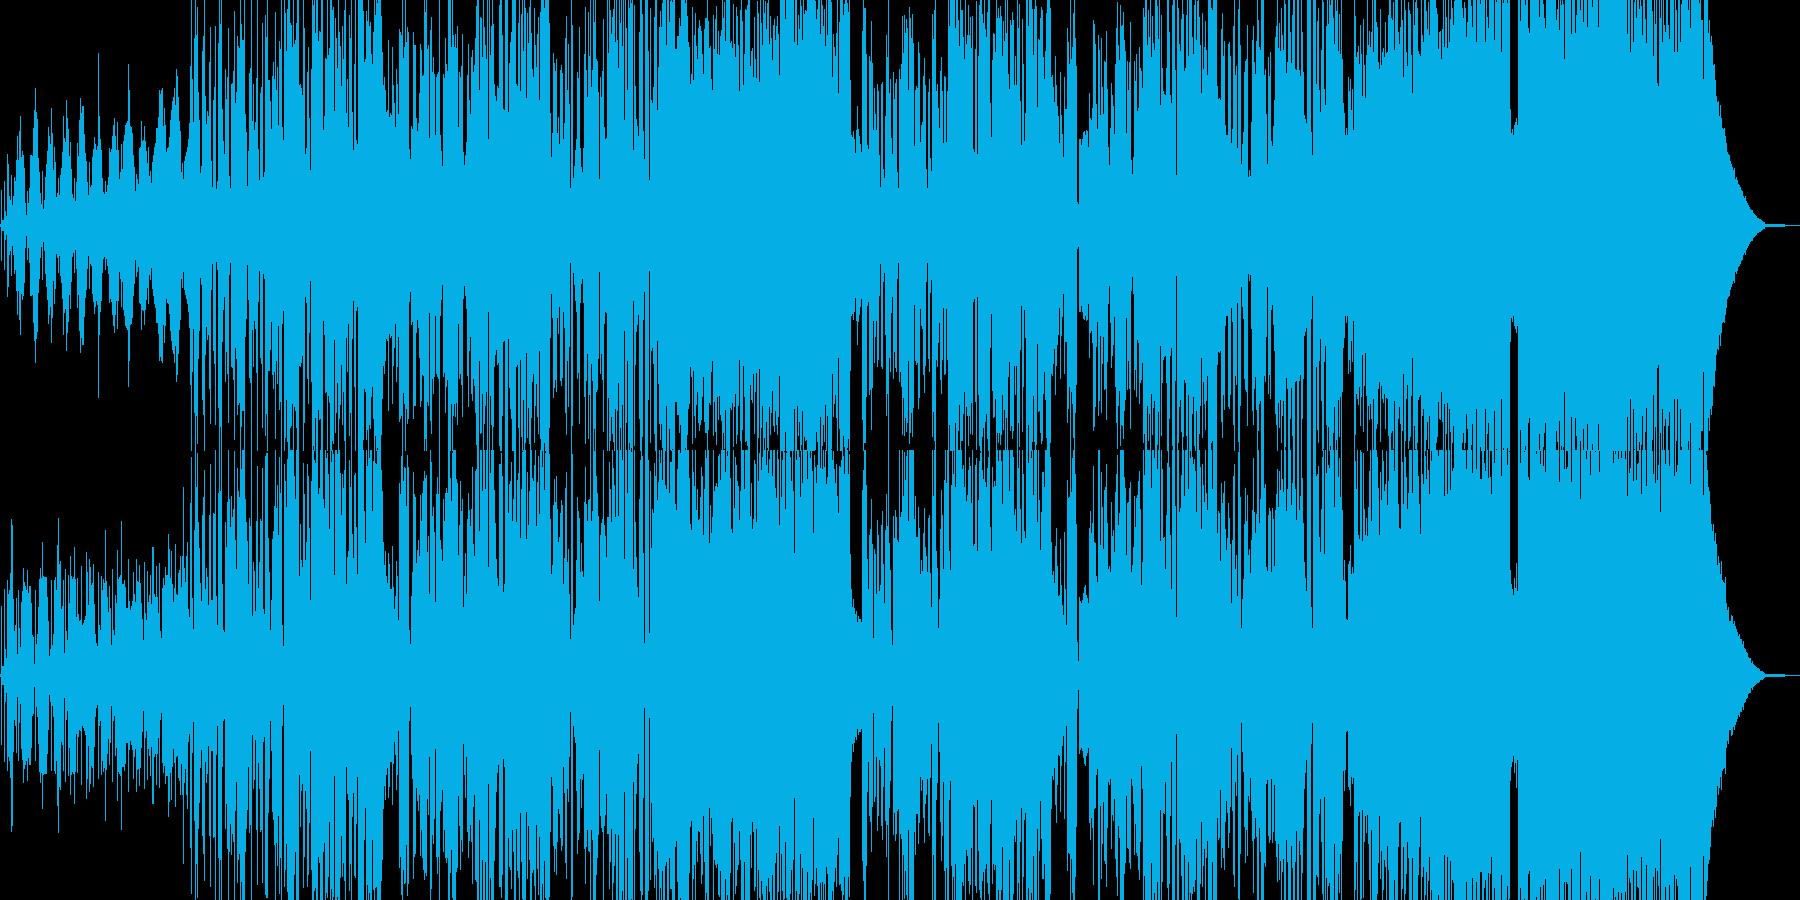 大自然イメージのドラムンベースの再生済みの波形